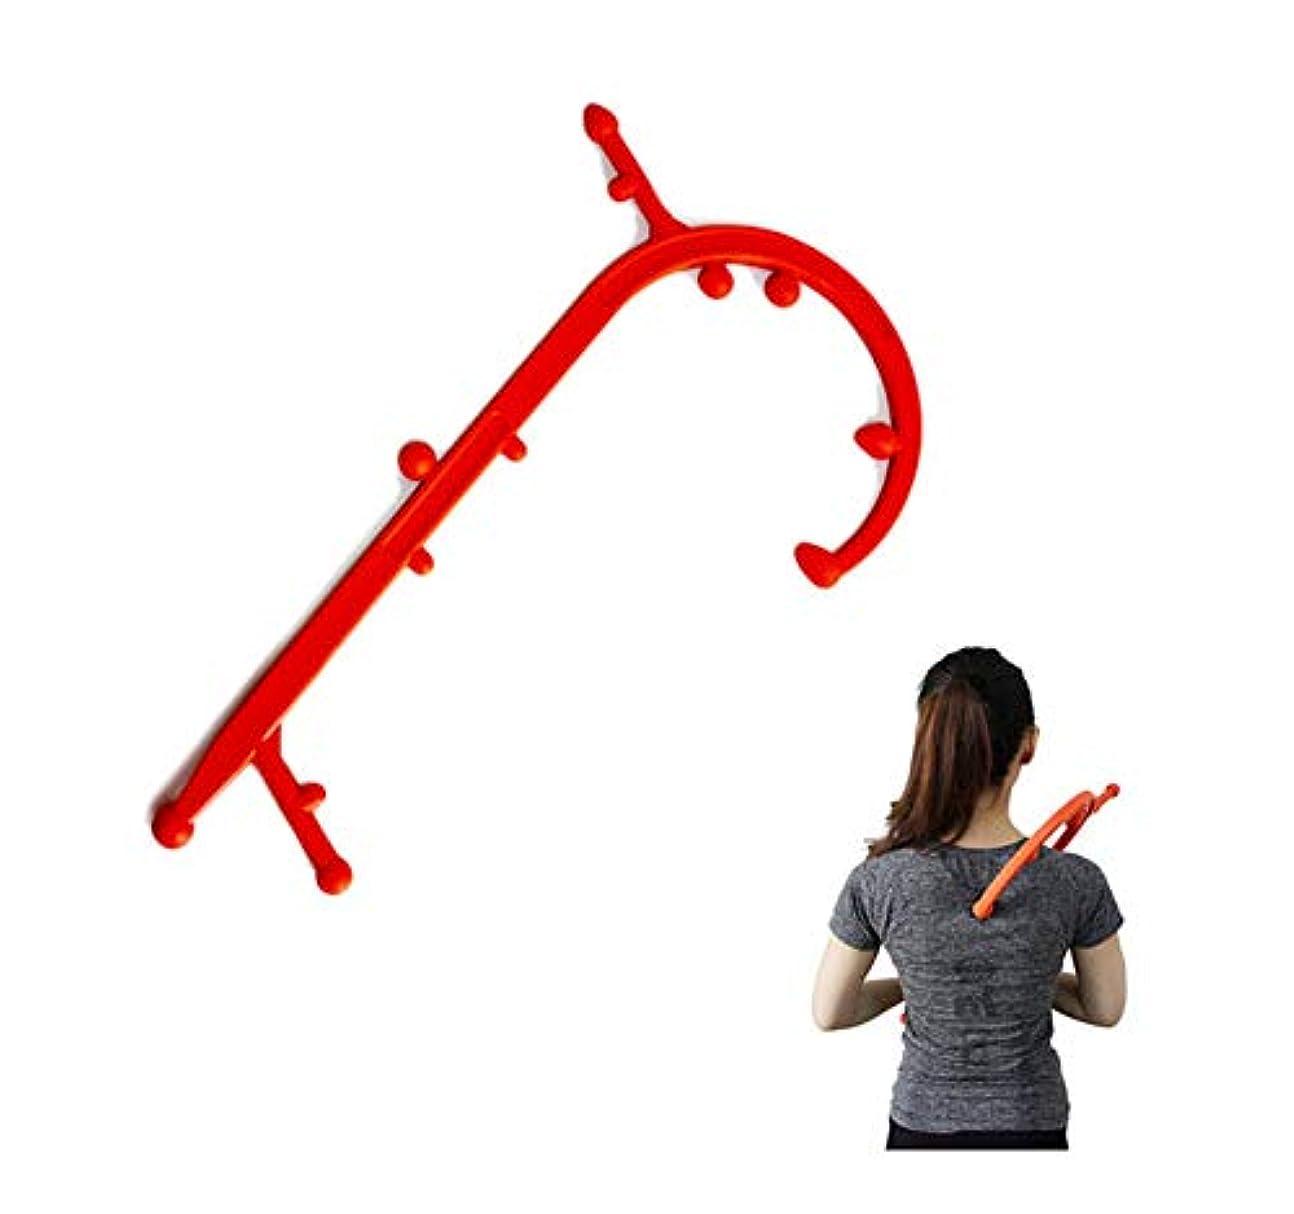 補体レーニン主義一時解雇するポータブルマッサージャーSタイプセルフショルダーアンドネックバック12マッサージノブマッスルフック指圧マッサージャー、背中の首と肩の痛みを和らげる筋膜リリースツール